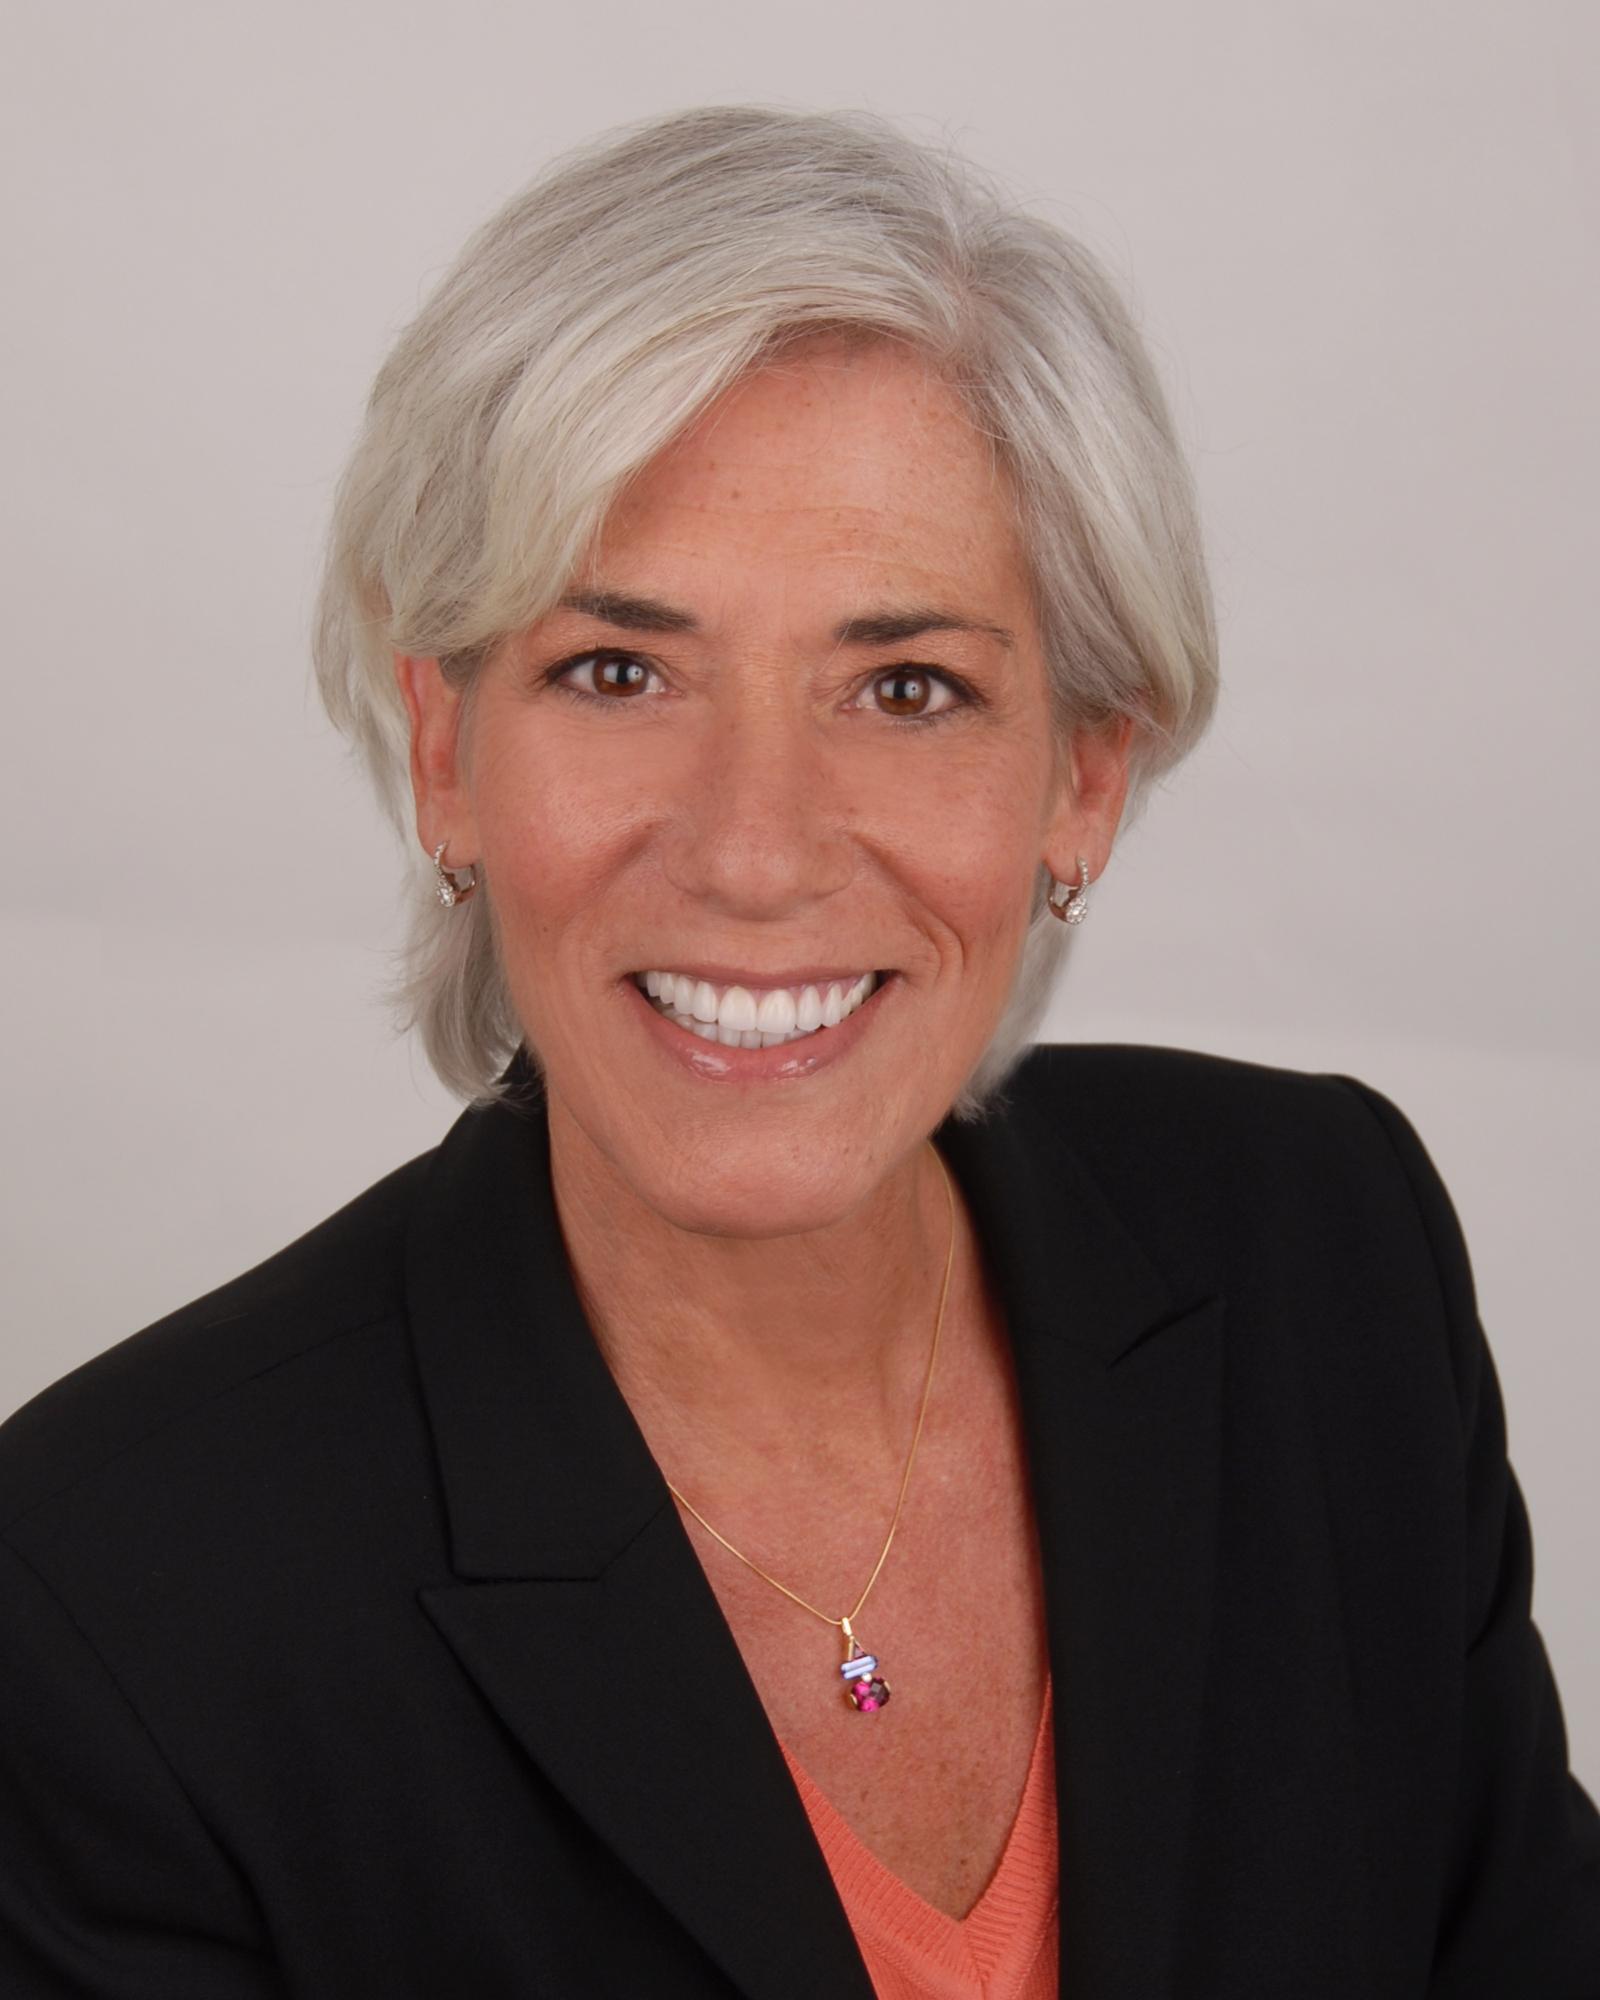 Marna Brennan